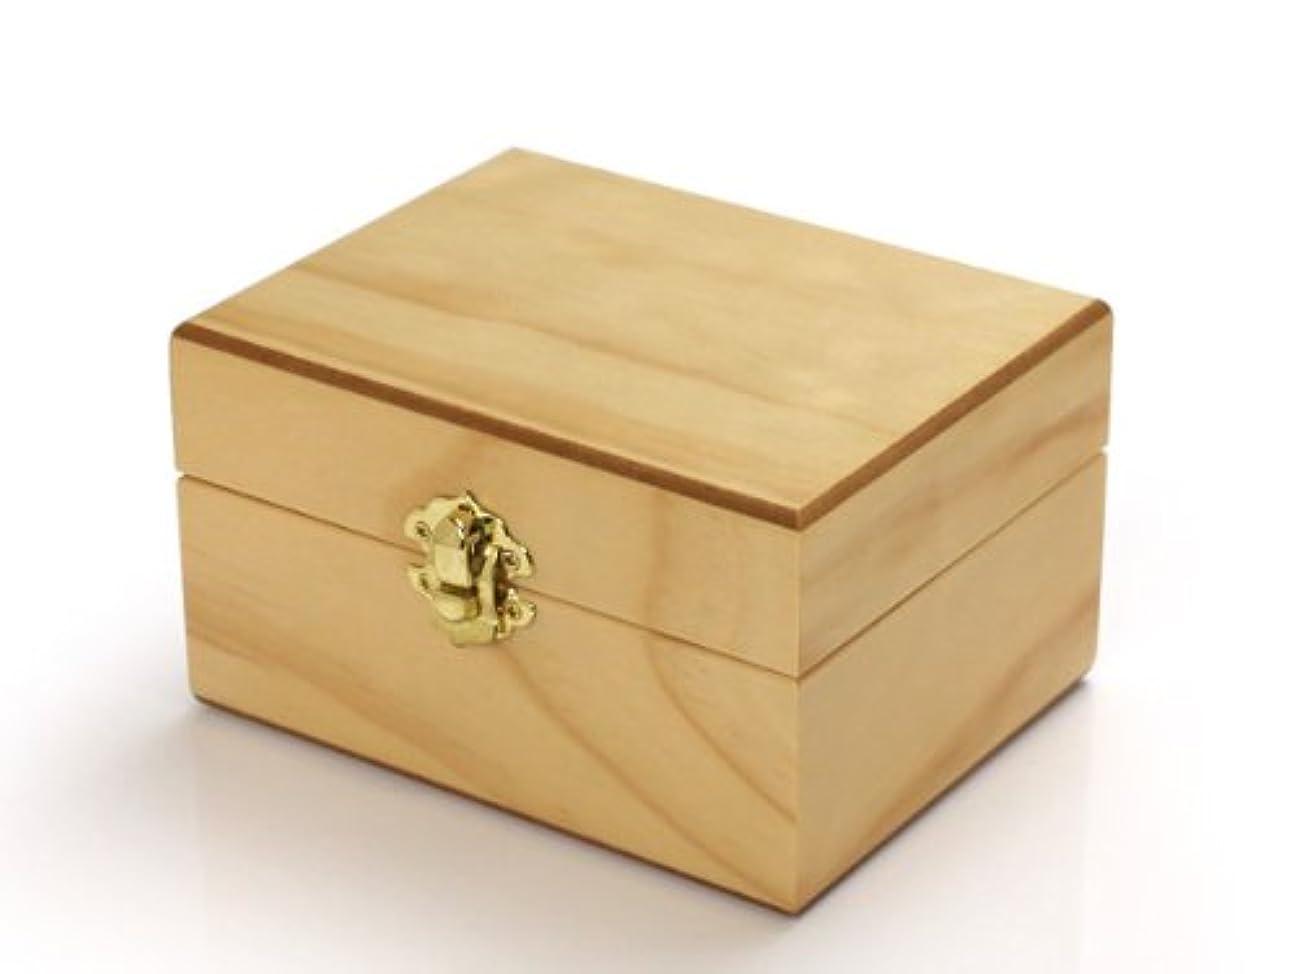 パプアニューギニア腐った鉛筆エッセンシャルオイル収納ボックス 12本用